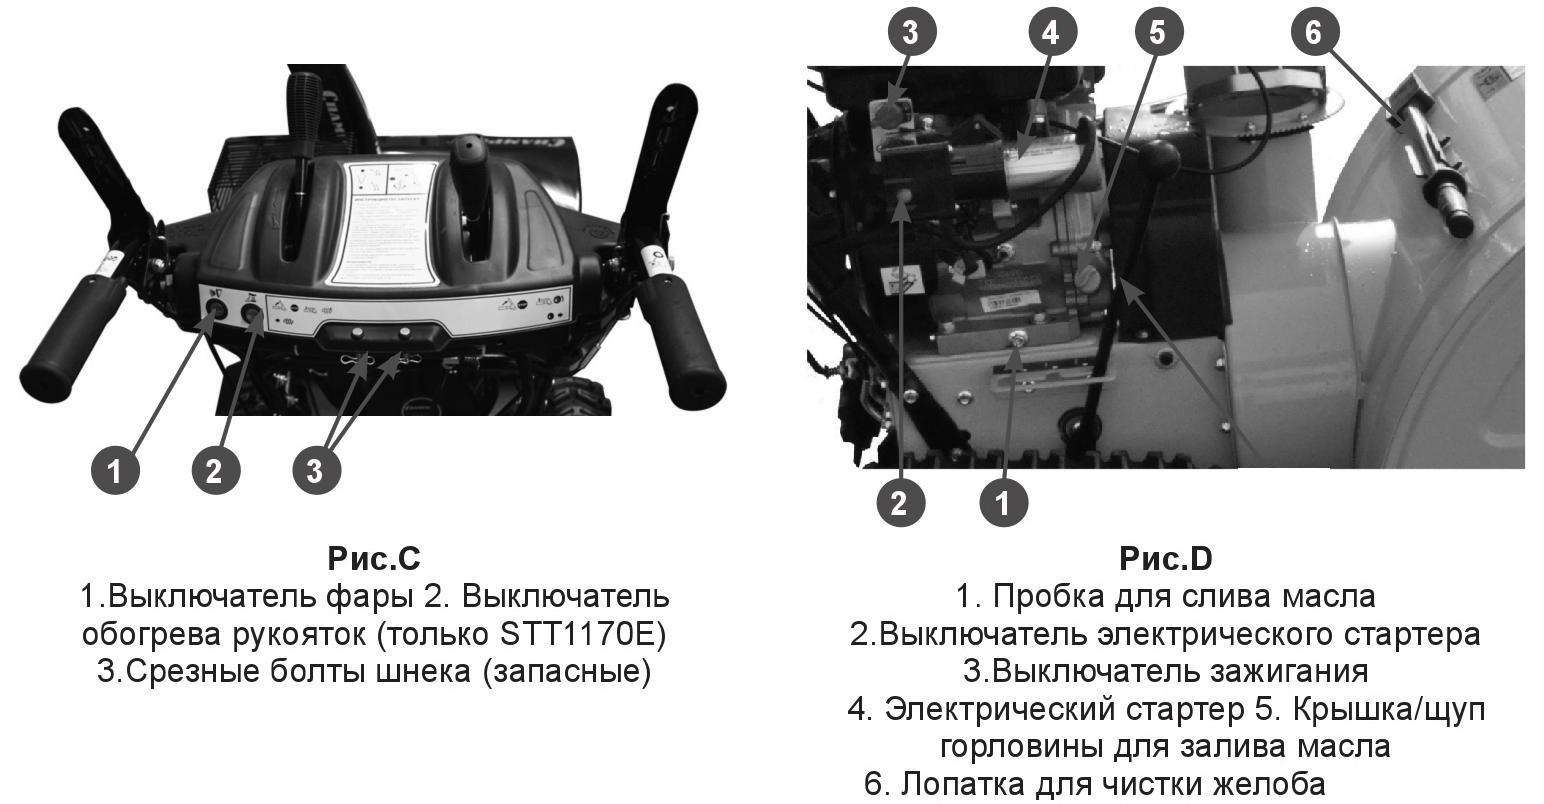 Основные узлы снегоуборщика Champion STT1170